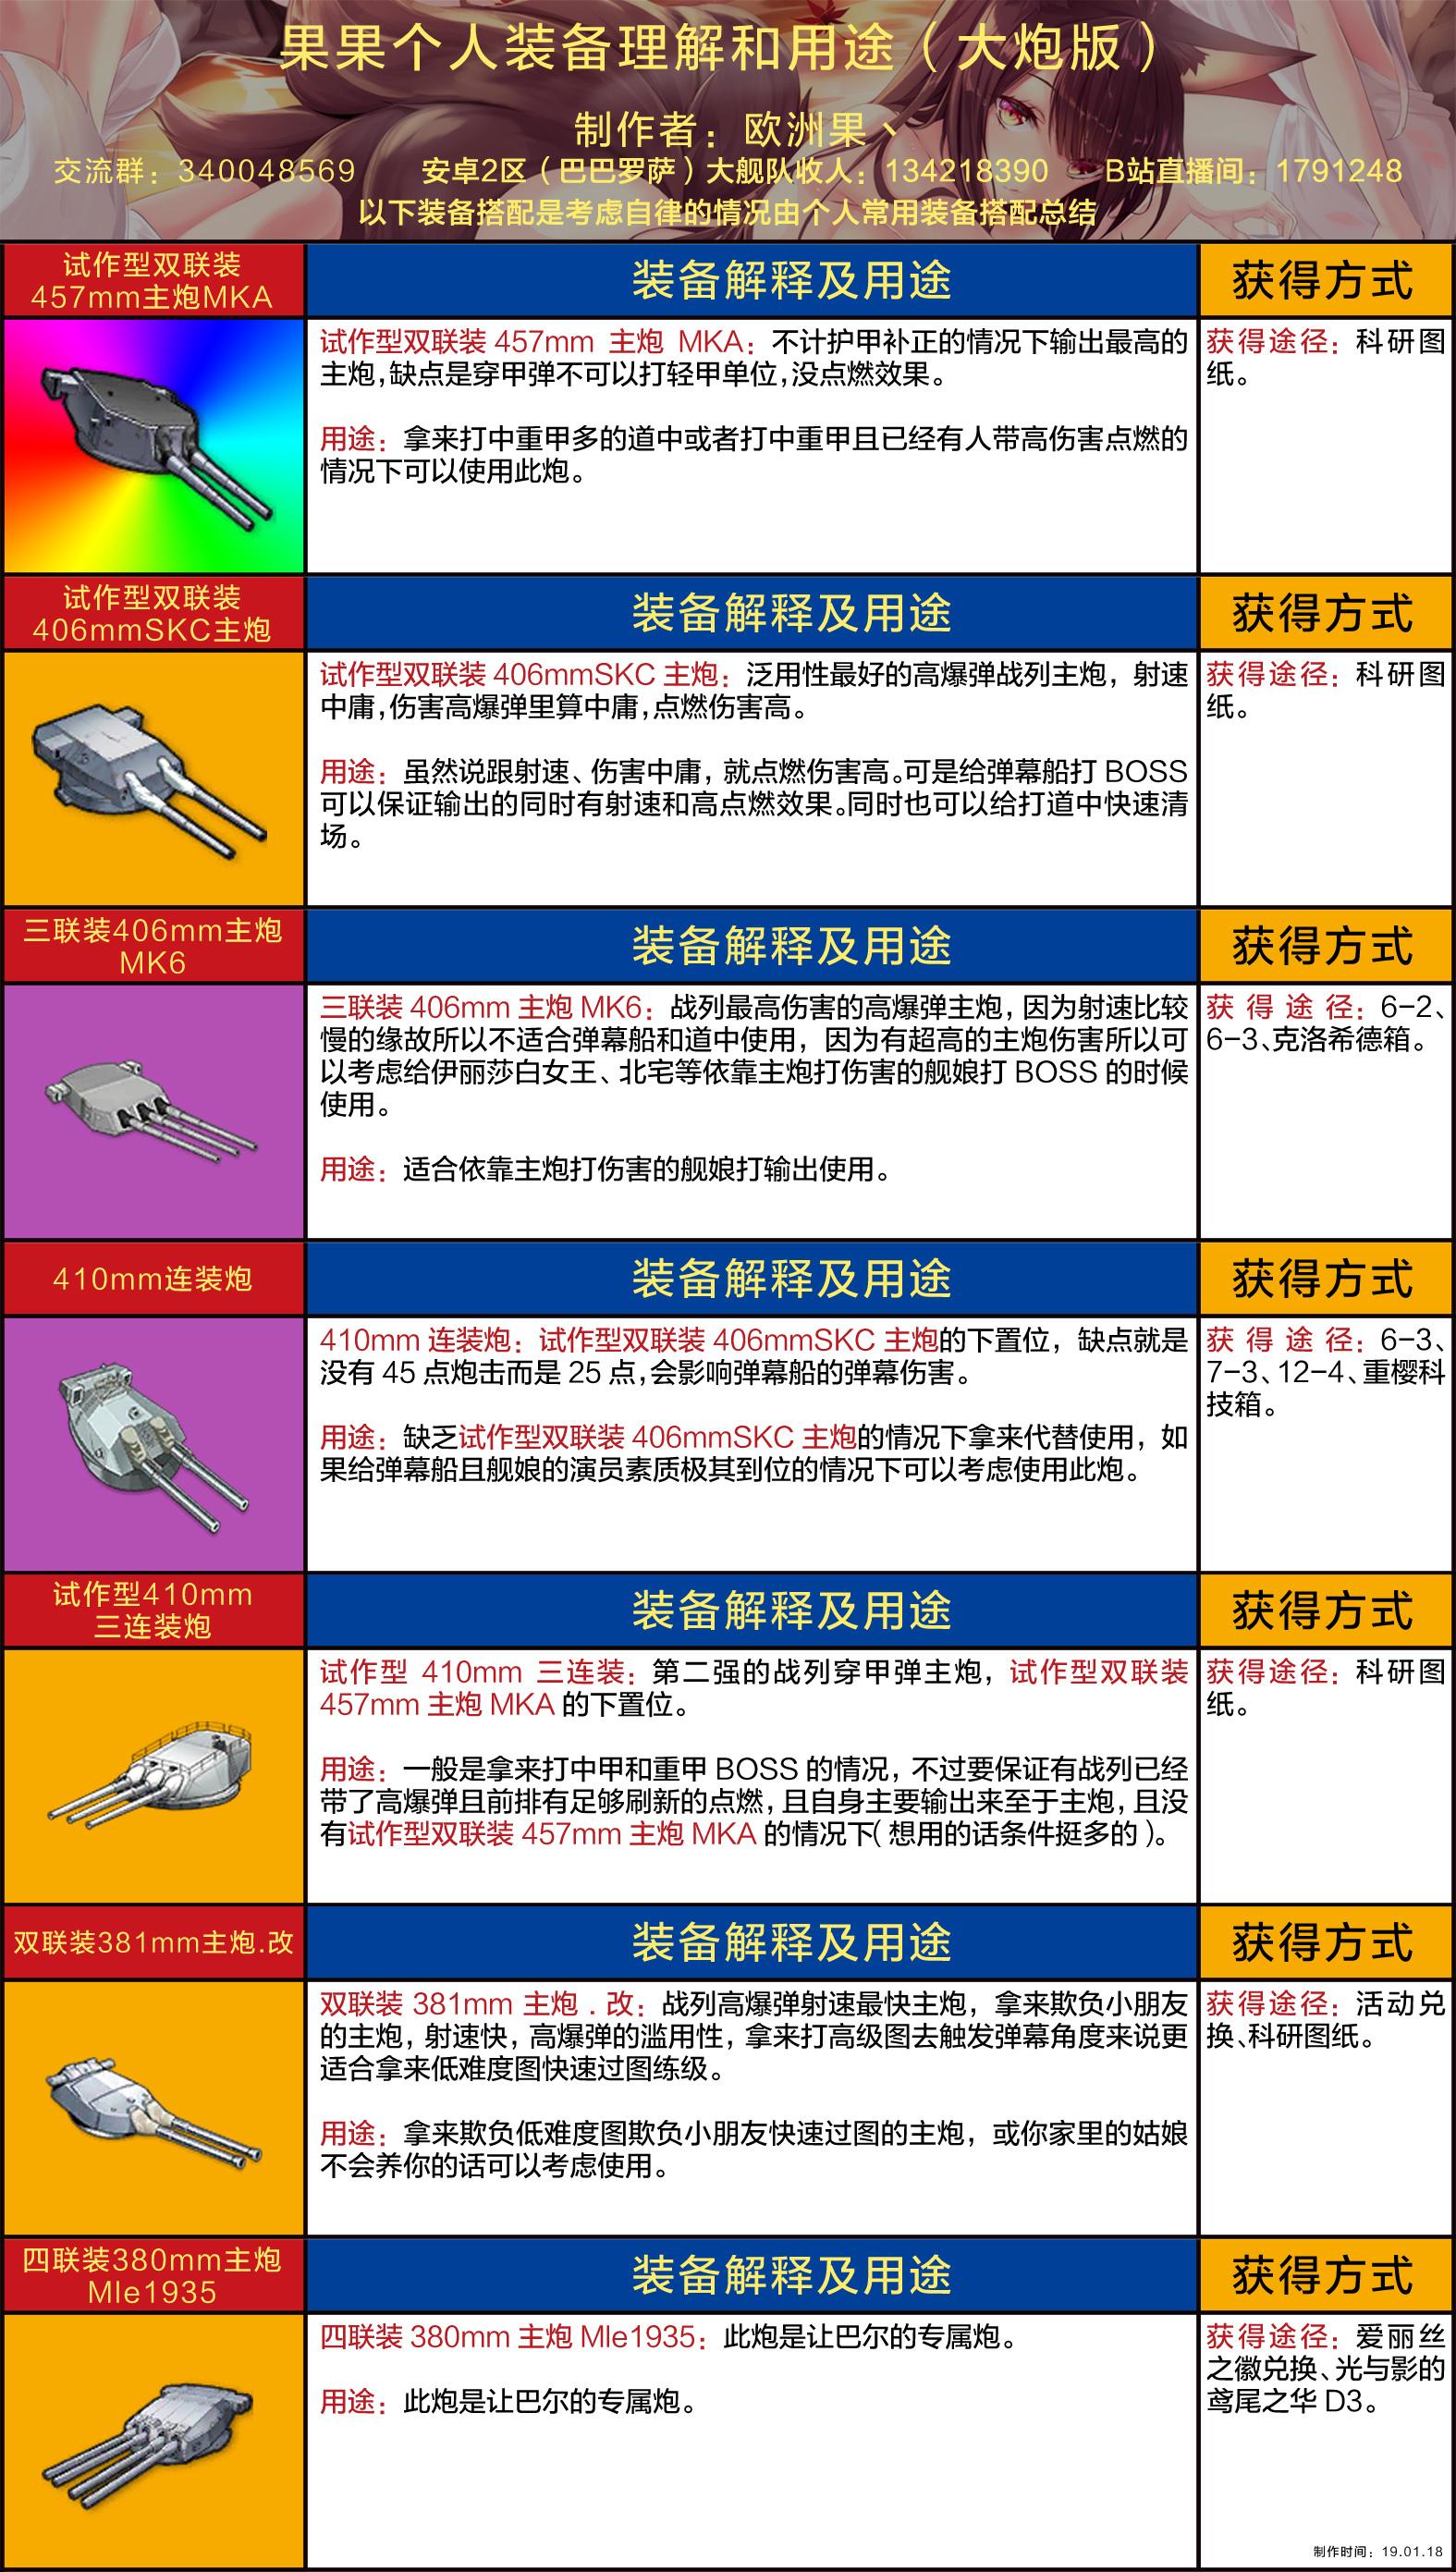 果果个人装备理解和用途(大炮版wiki).jpg